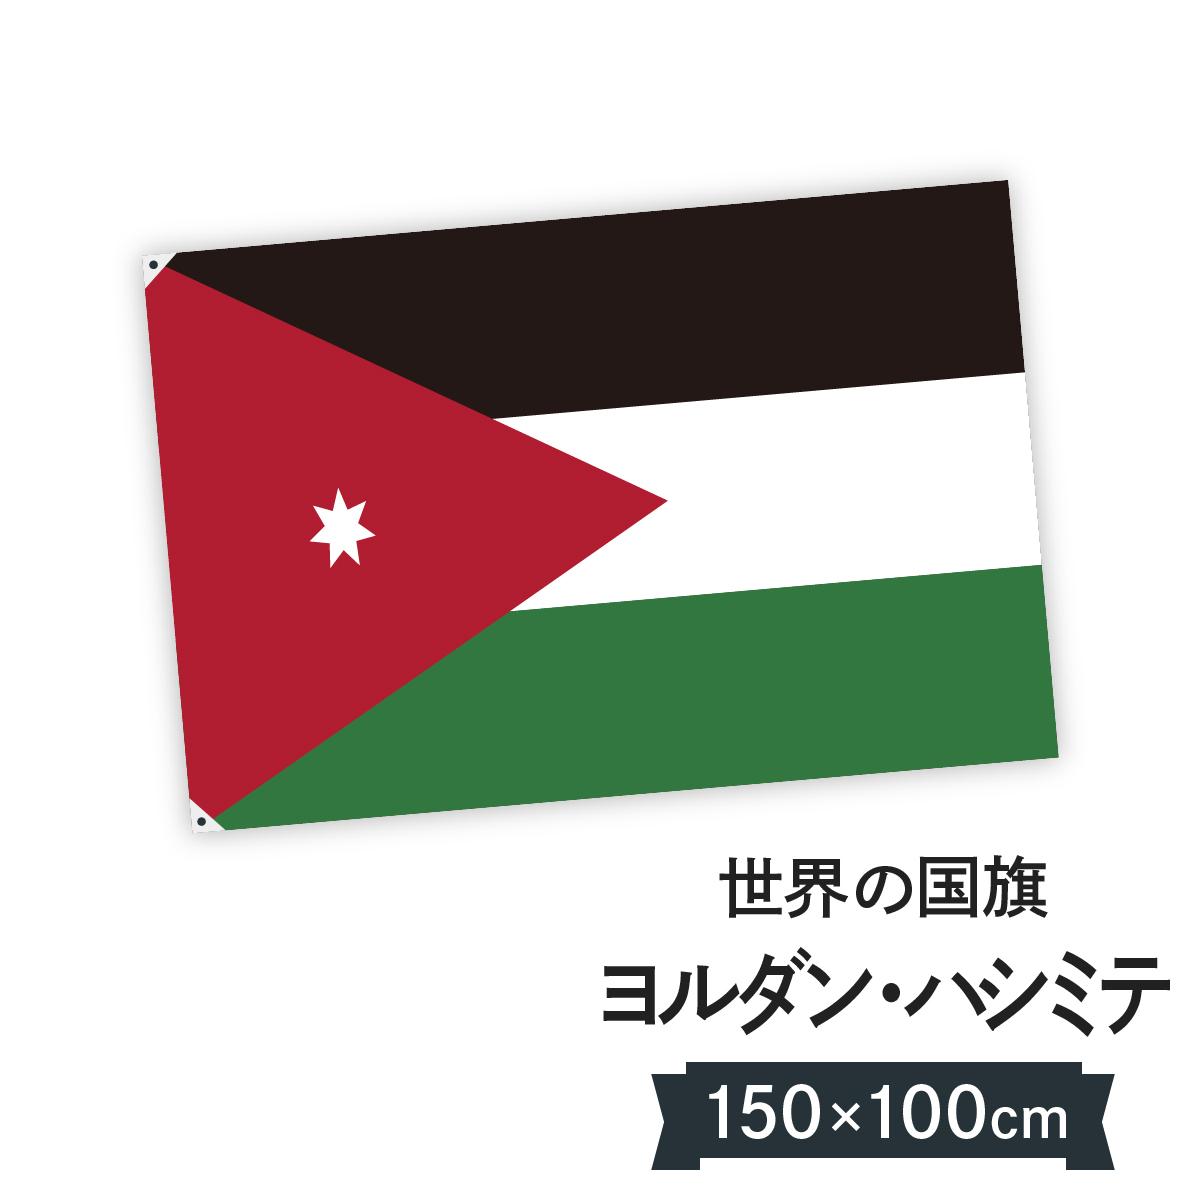 ヨルダン・ハシミテ王国 国旗 W150cm H100cm